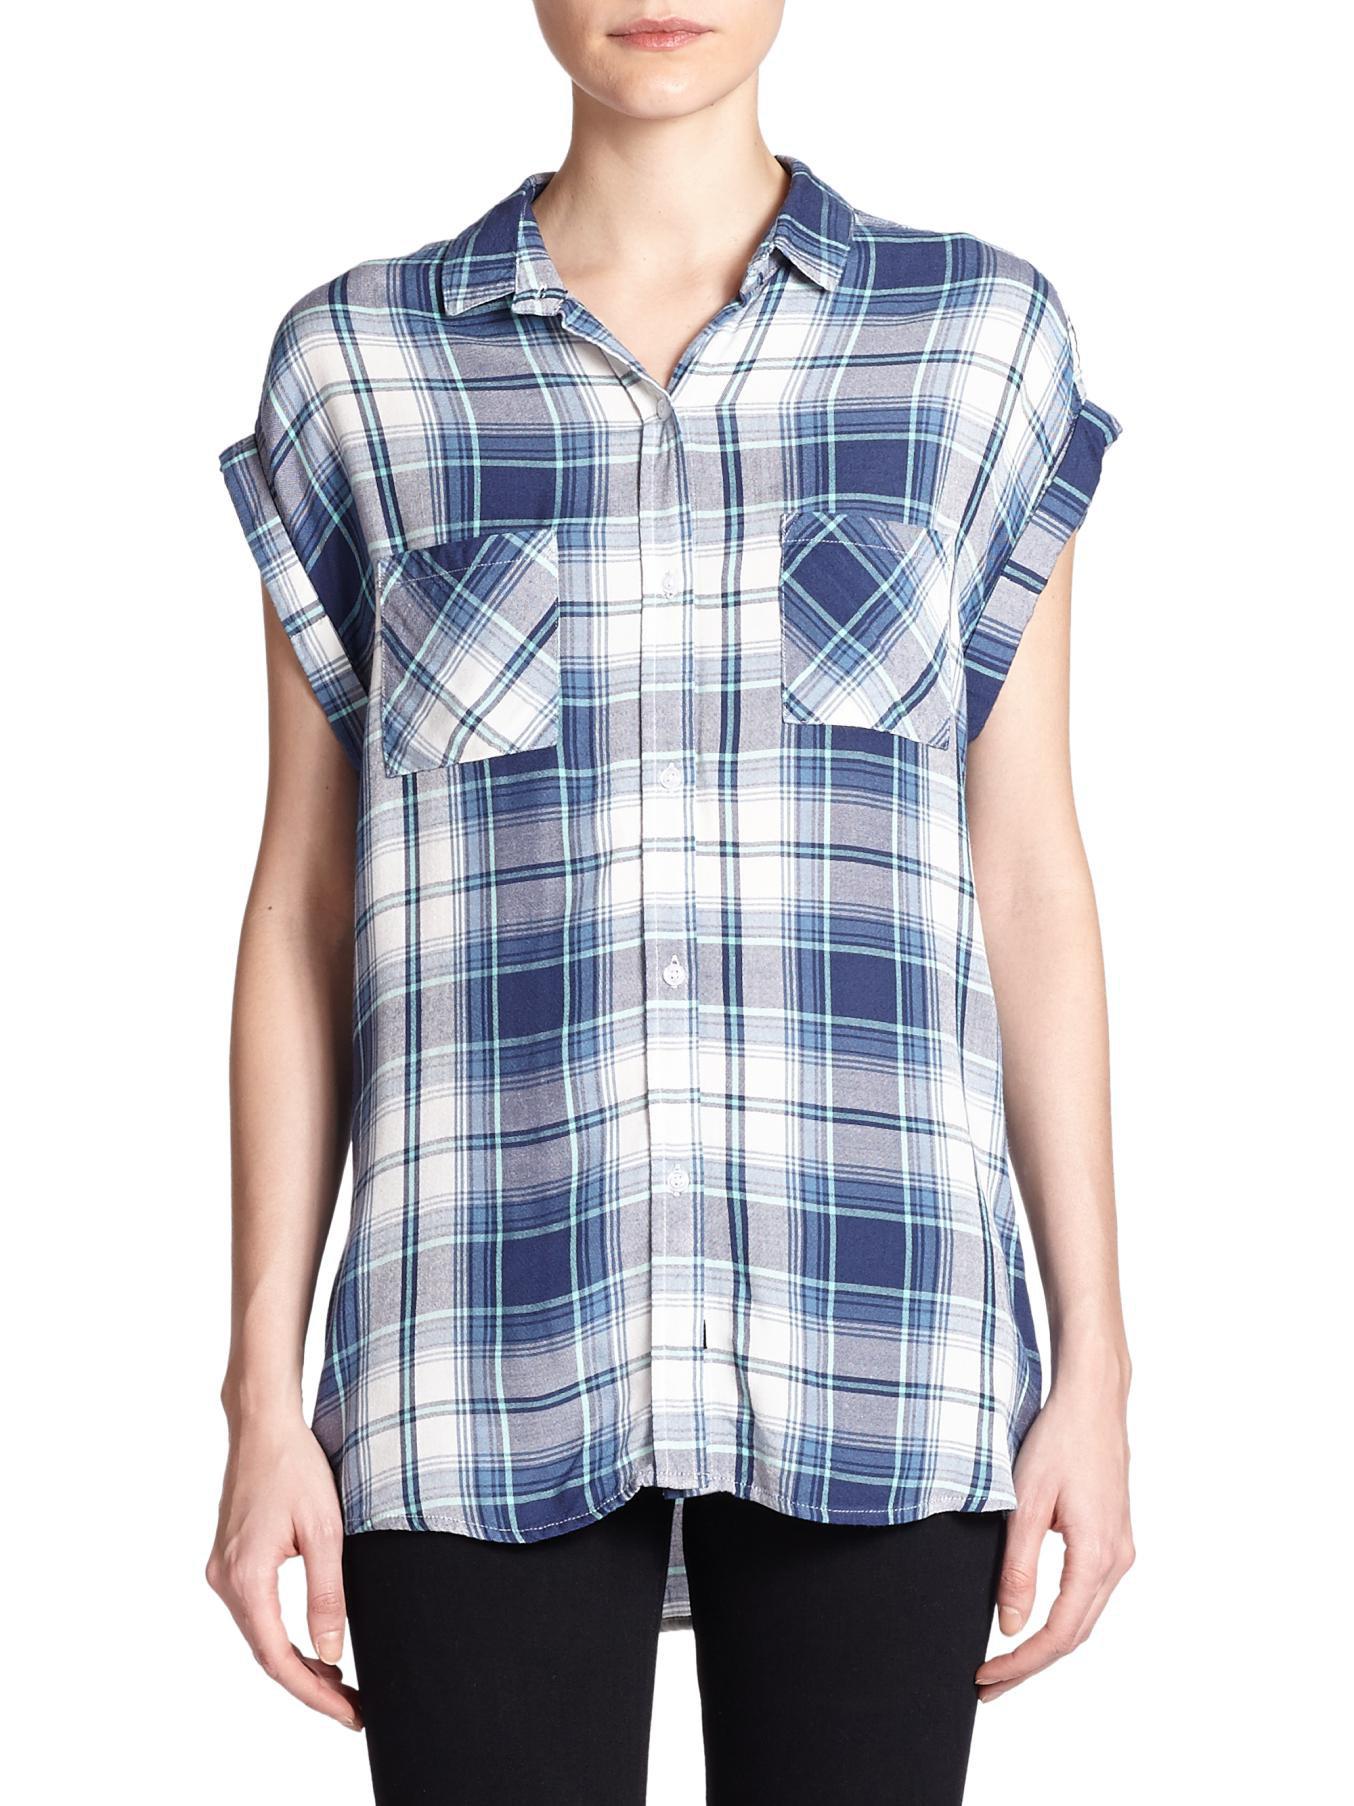 Rails Britt Plaid Shirt In Blue Teal Navy Lyst